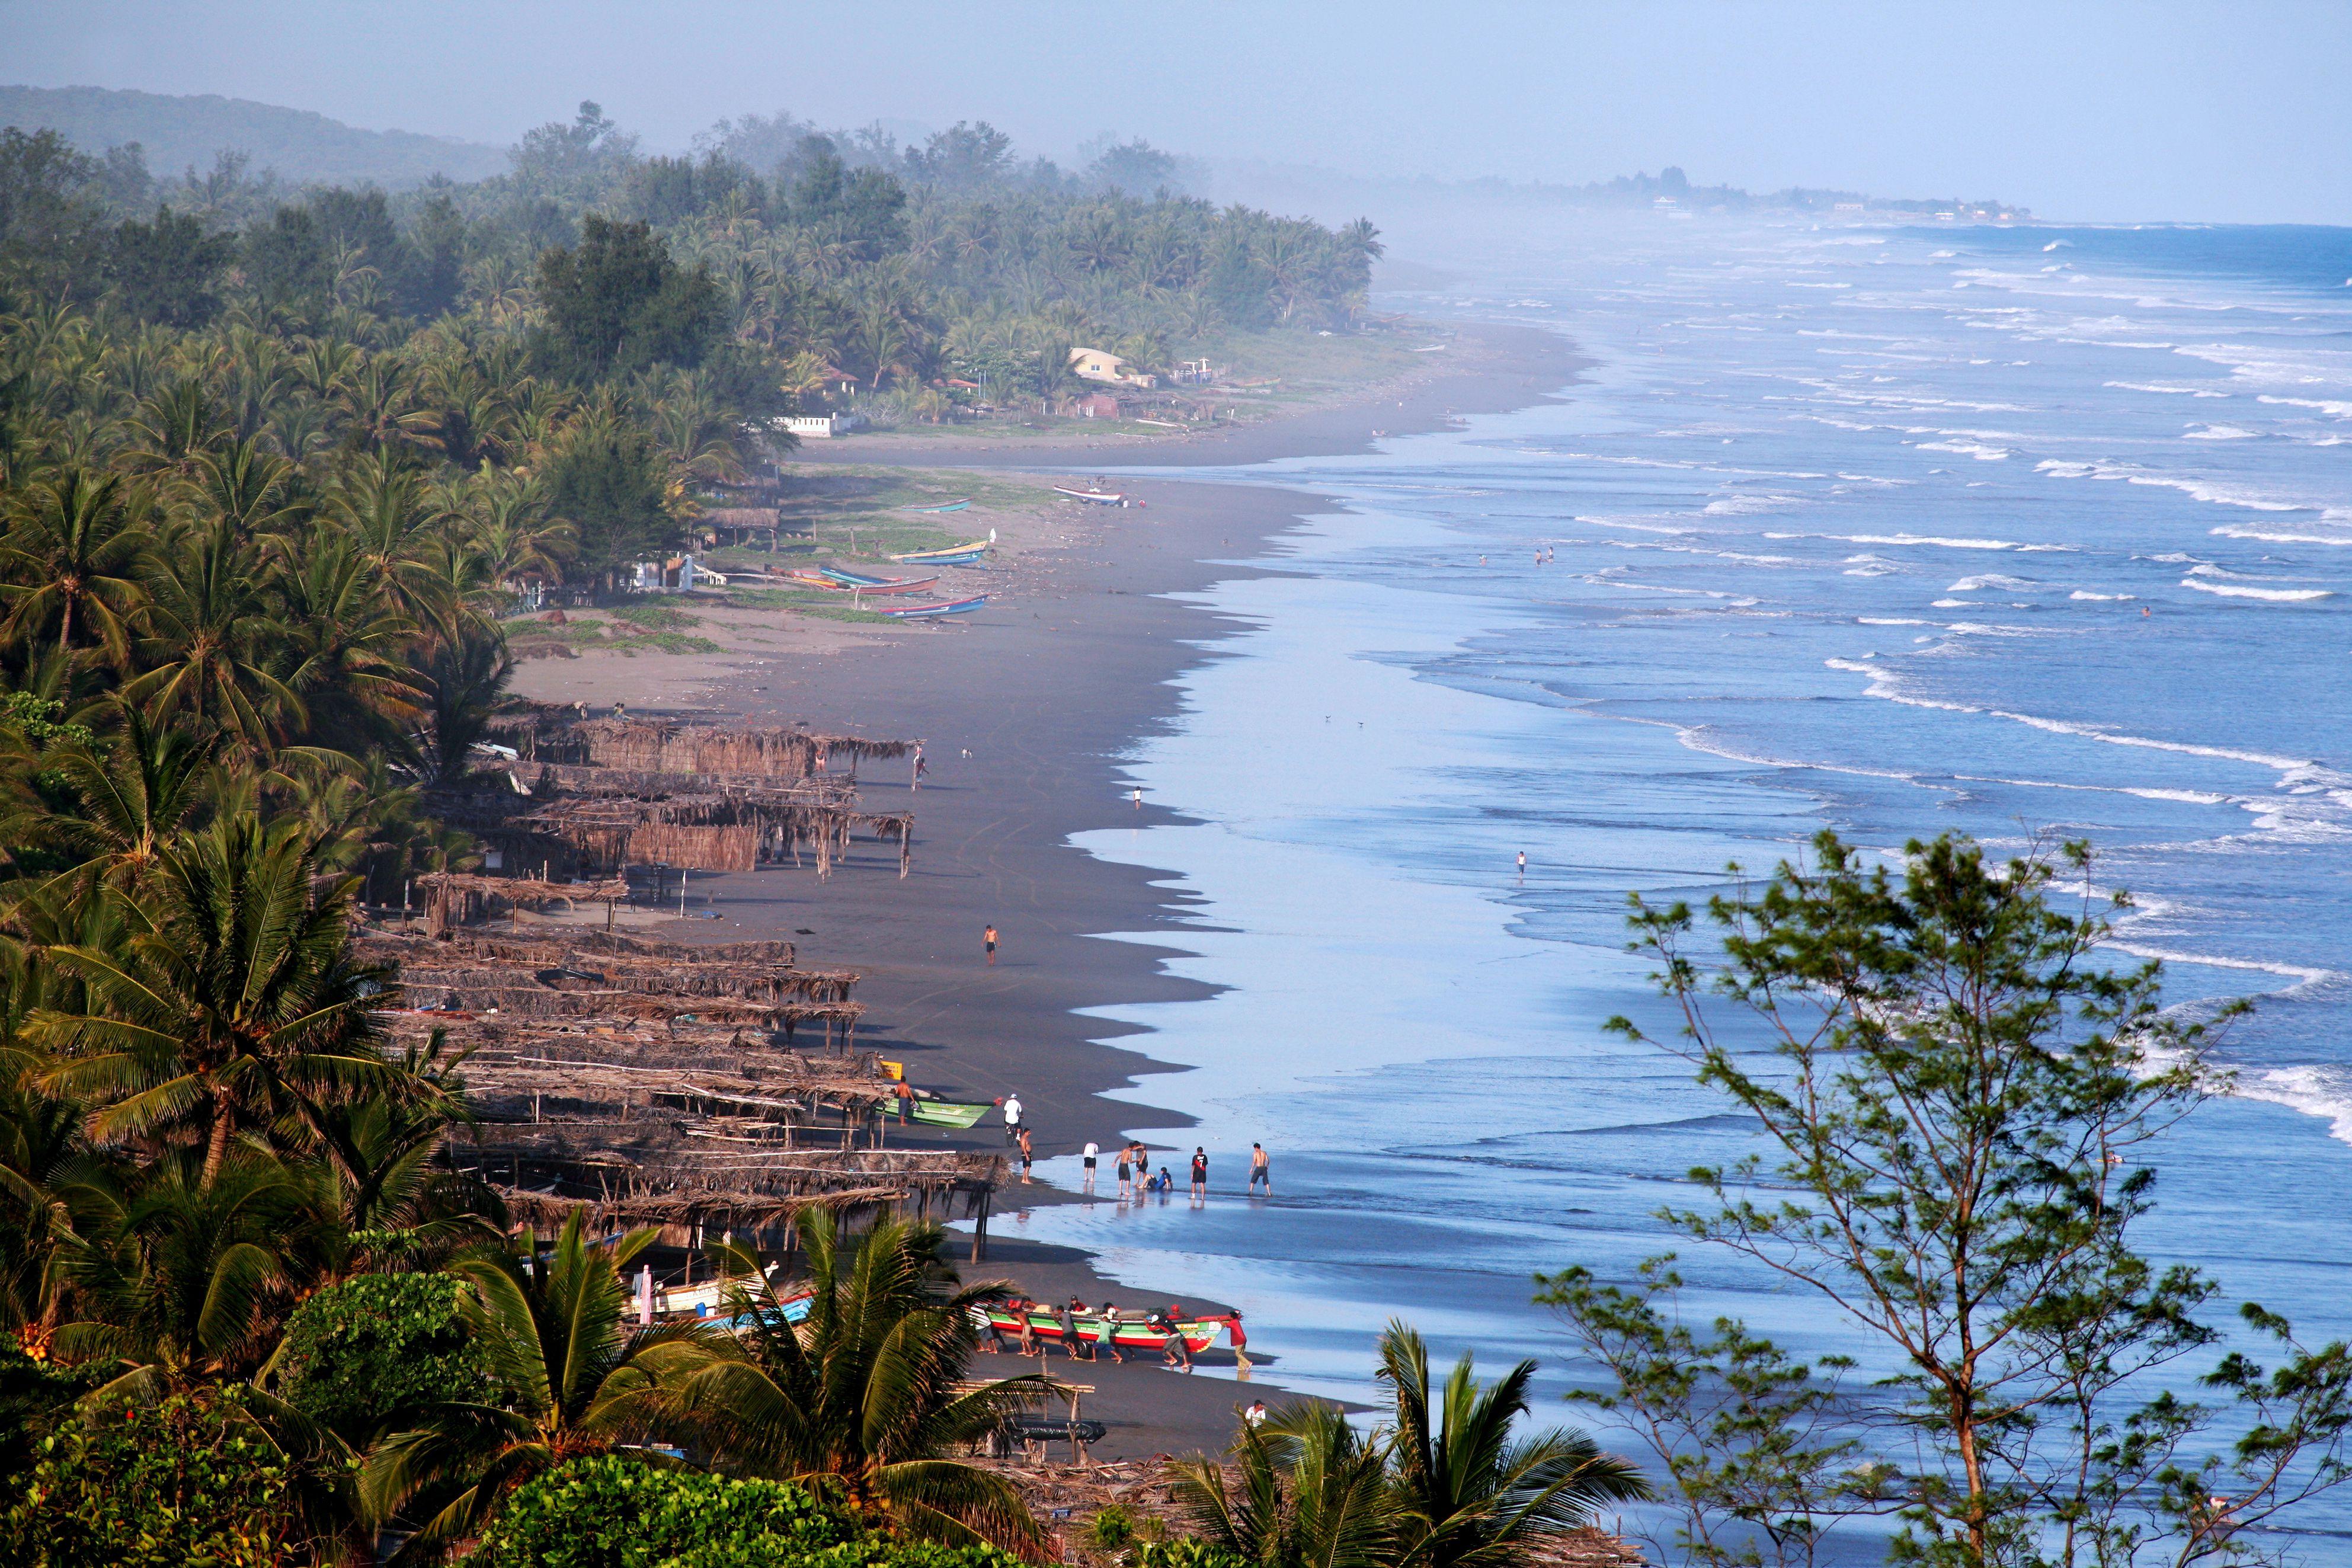 Overview of Playa El Cuco looking east.